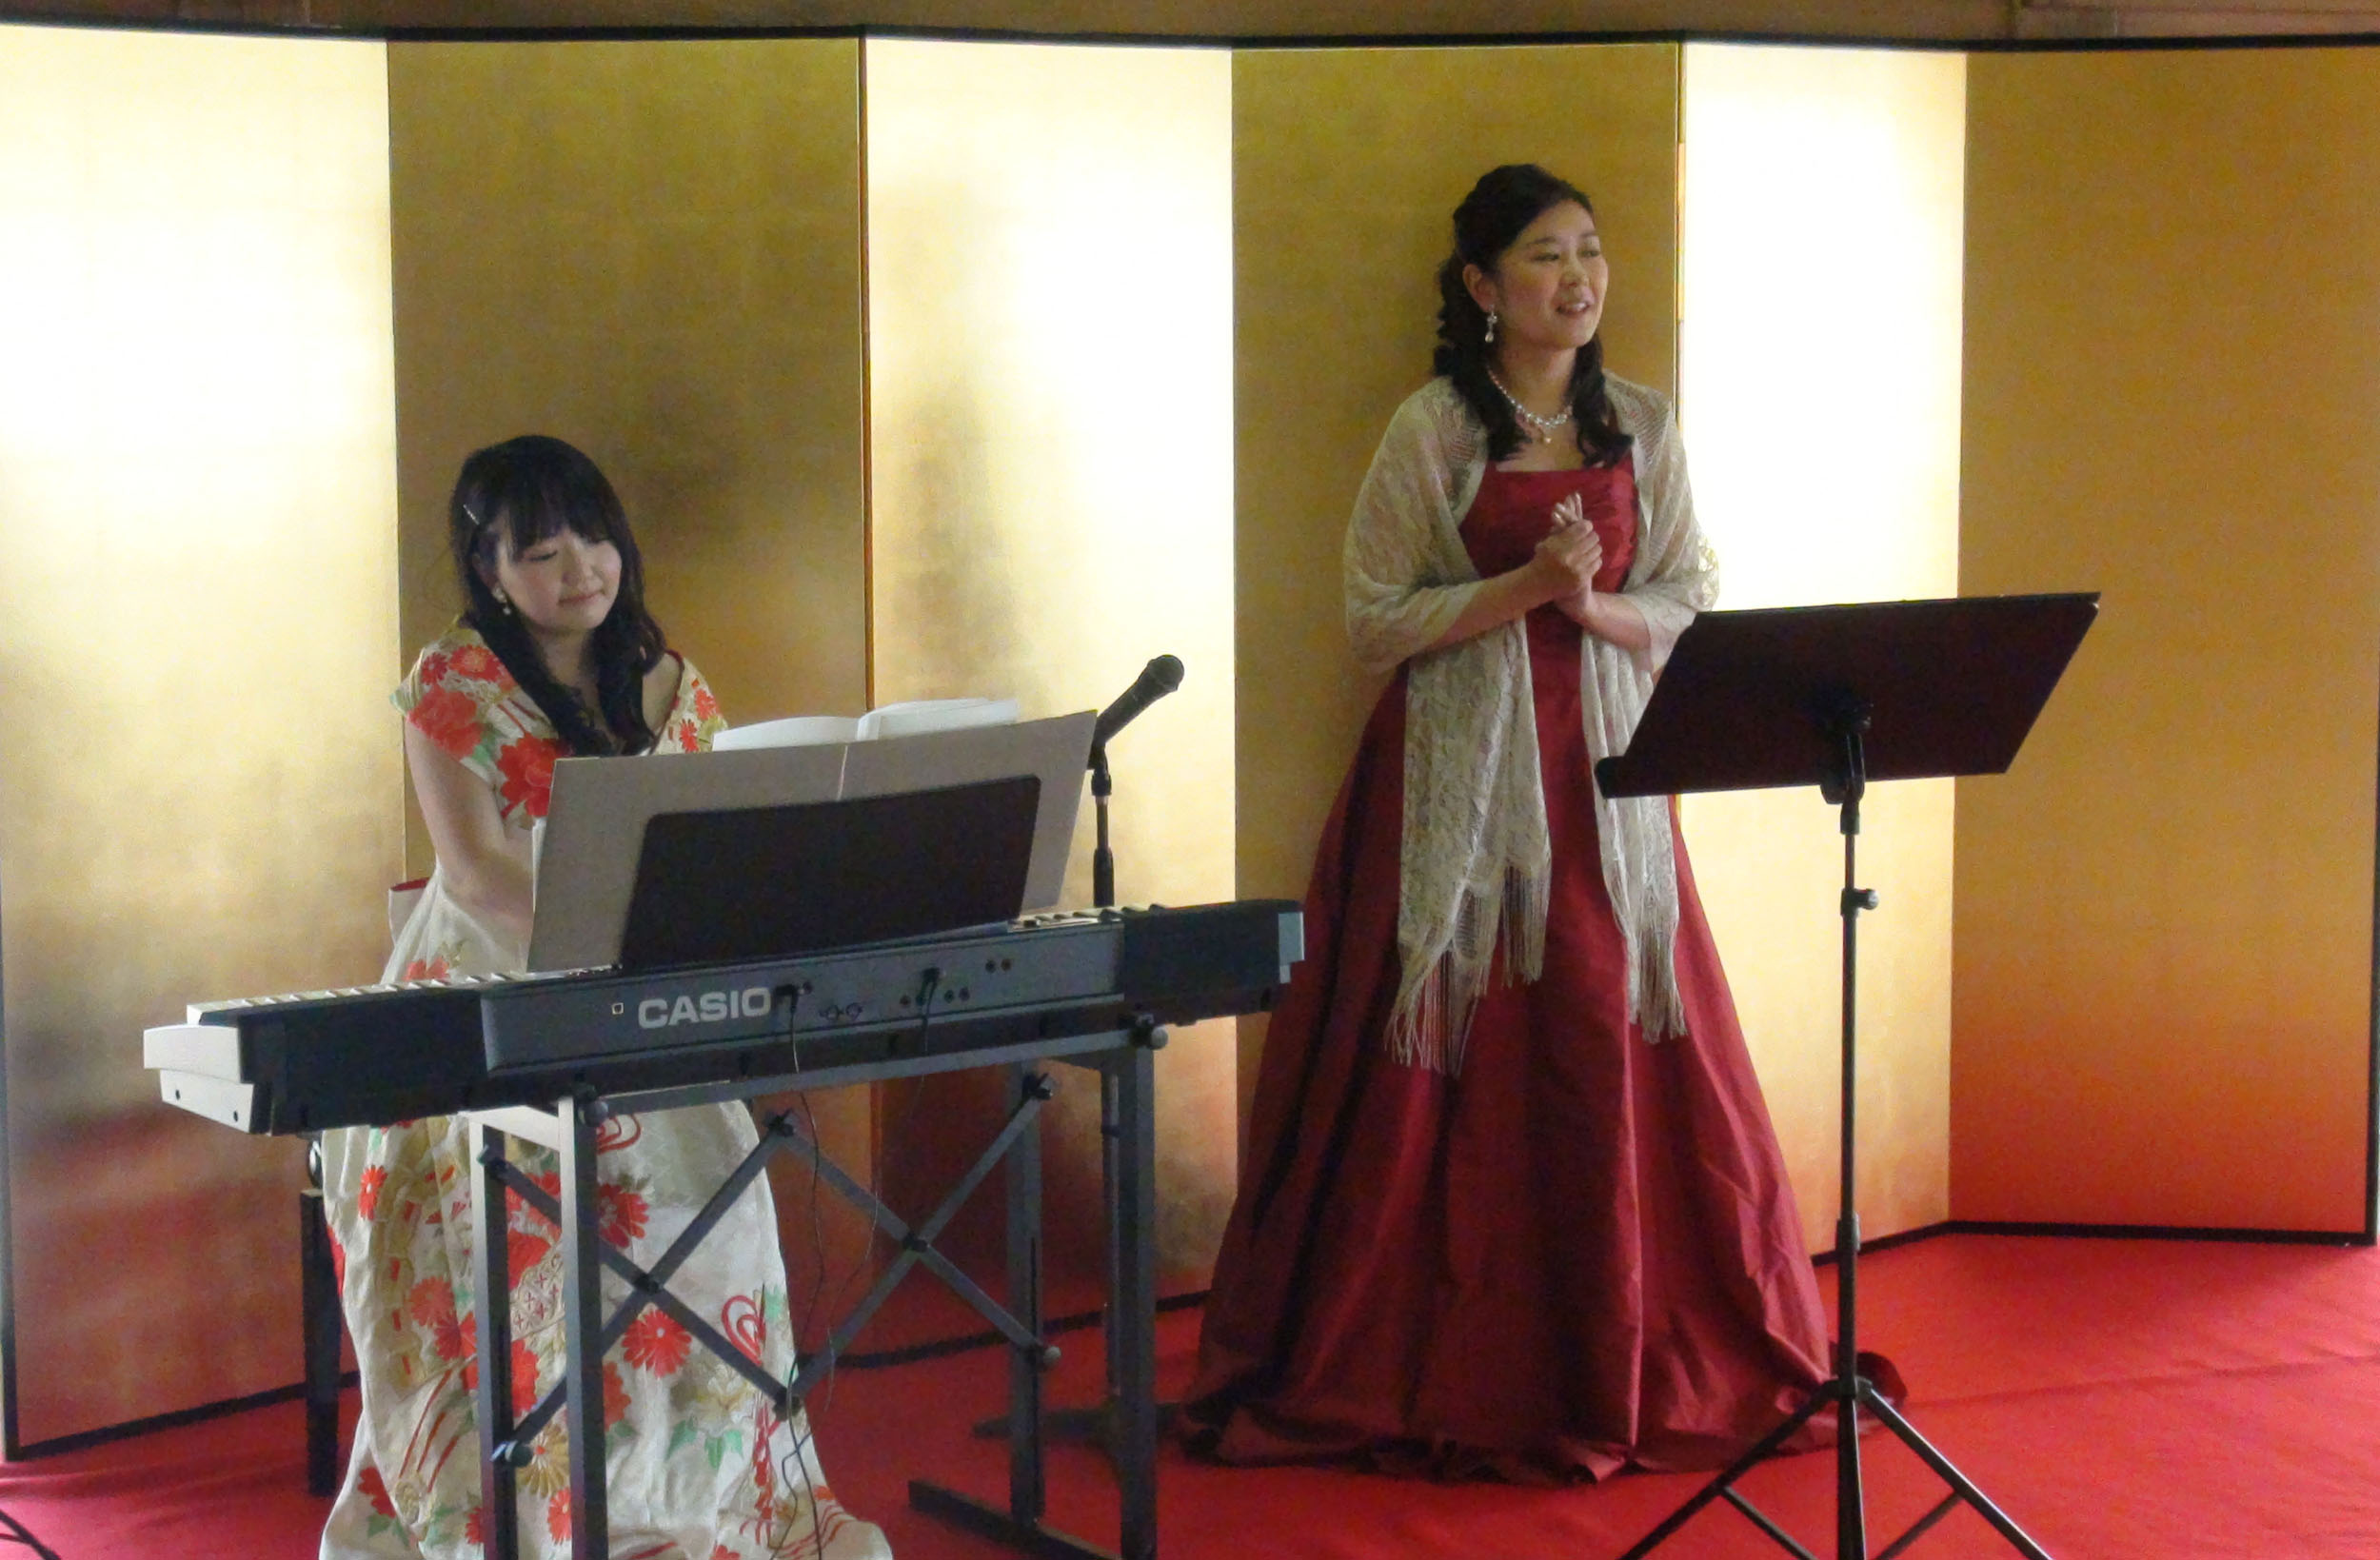 Rosaソプラノ&ピアノ